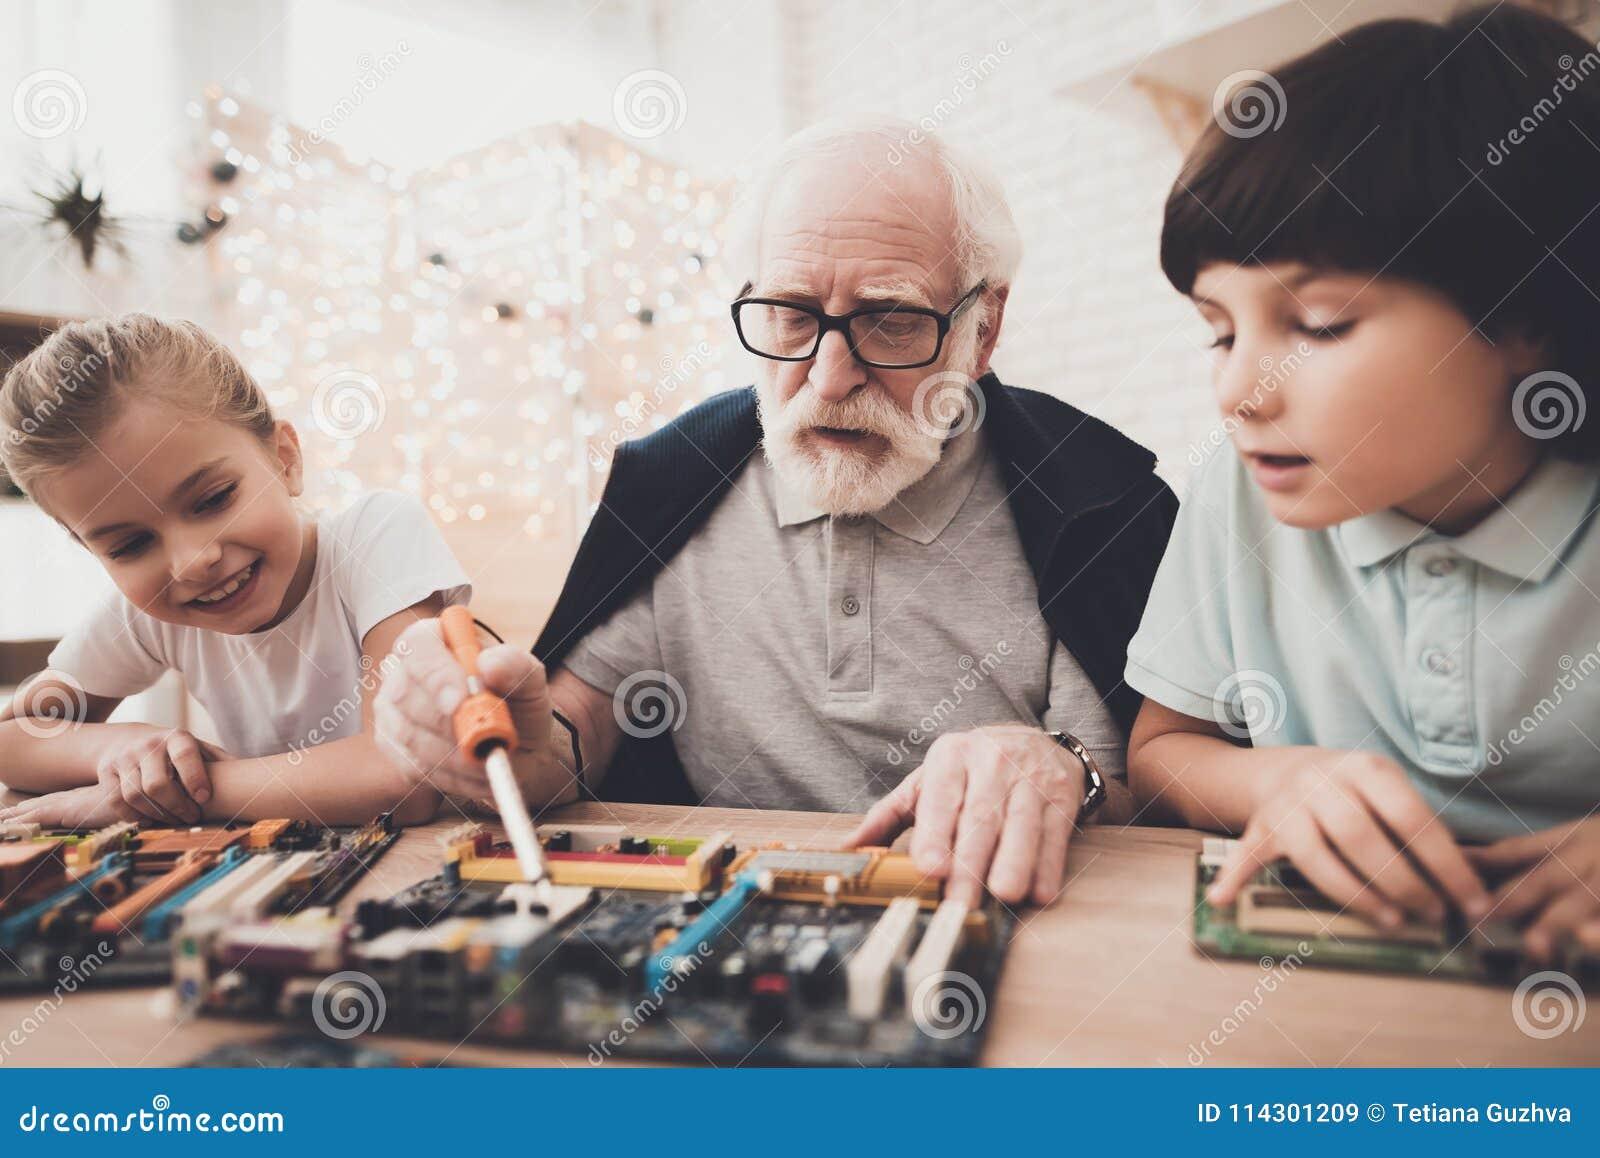 Grootvader, kleinzoon en kleindochter thuis De opa onderwijst kinderen hoe te solderen